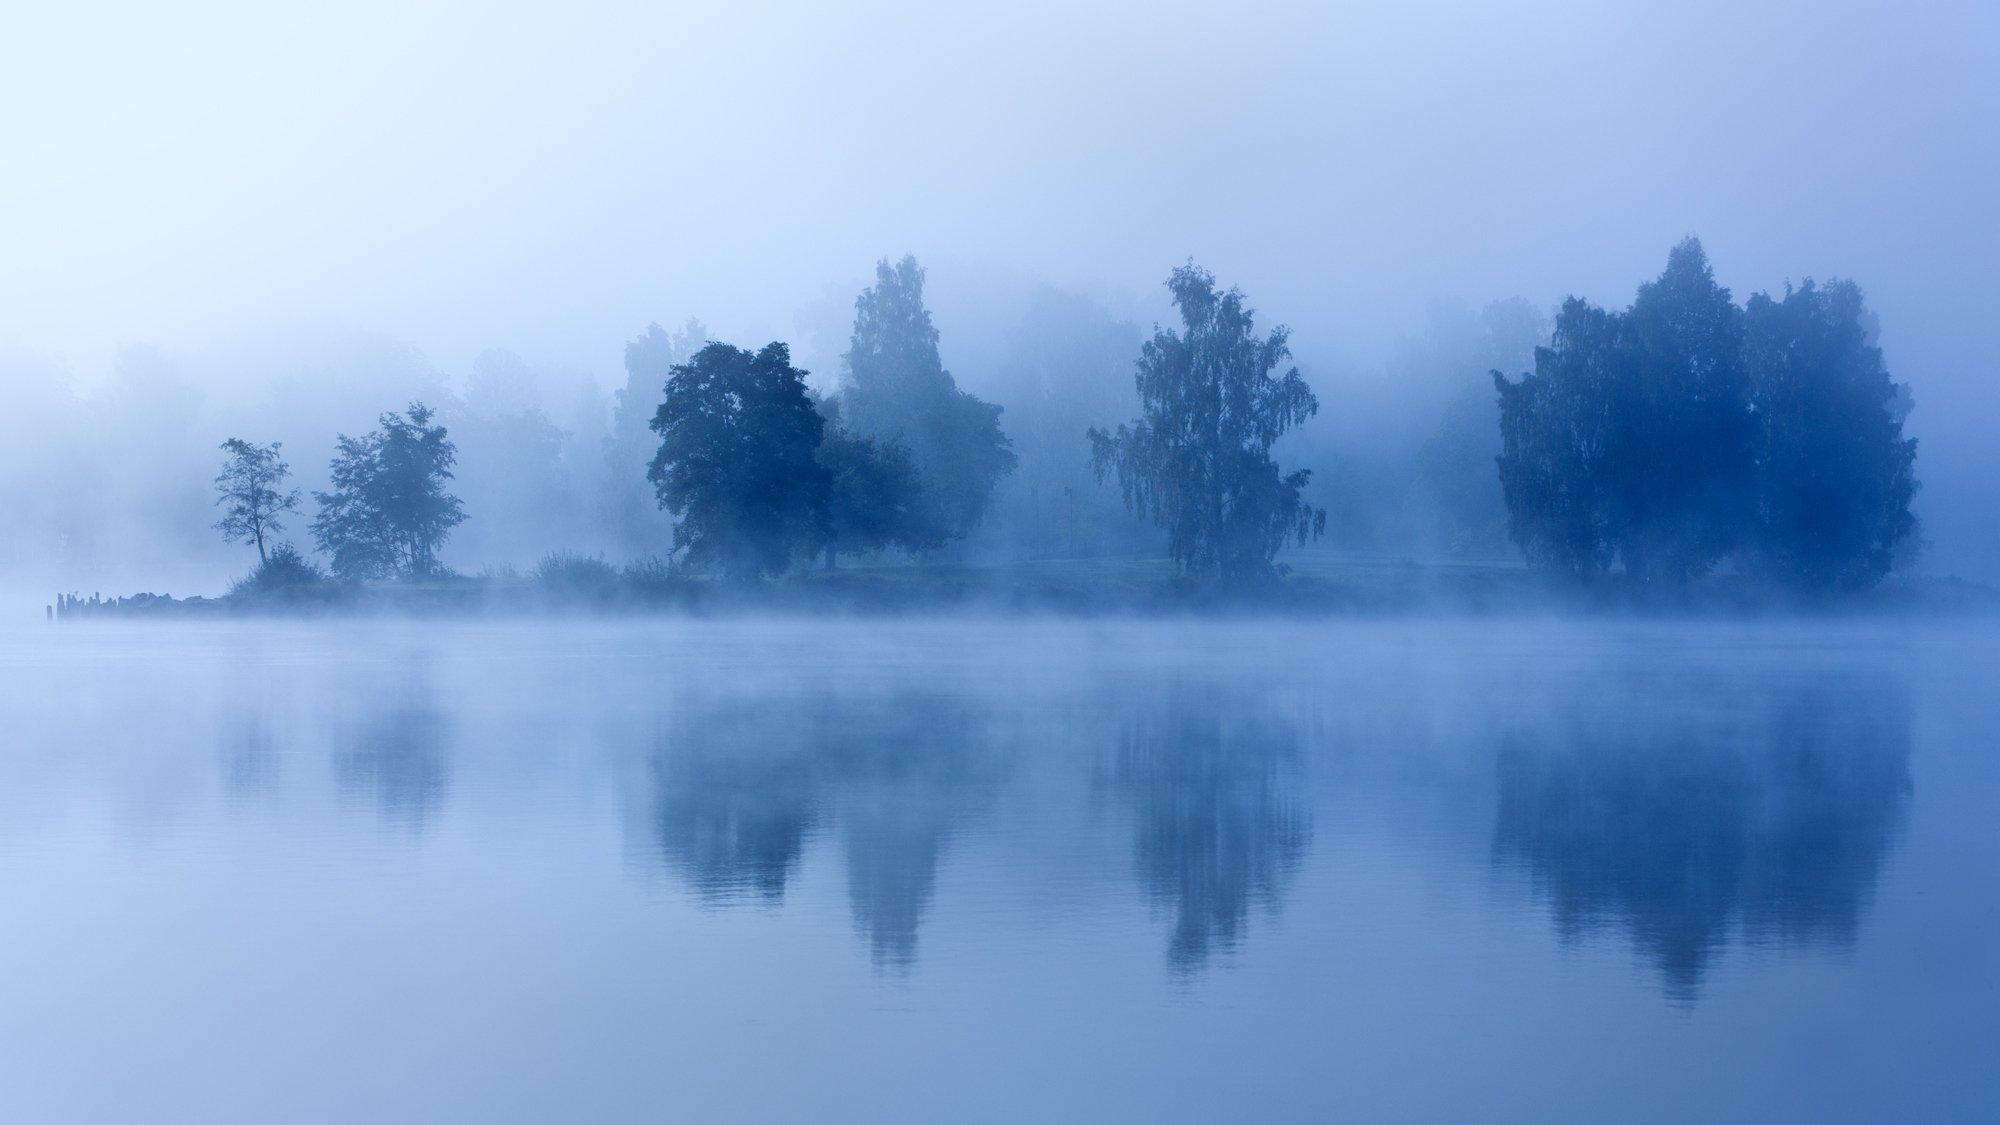 озеро сумерки the lake twilight скачать